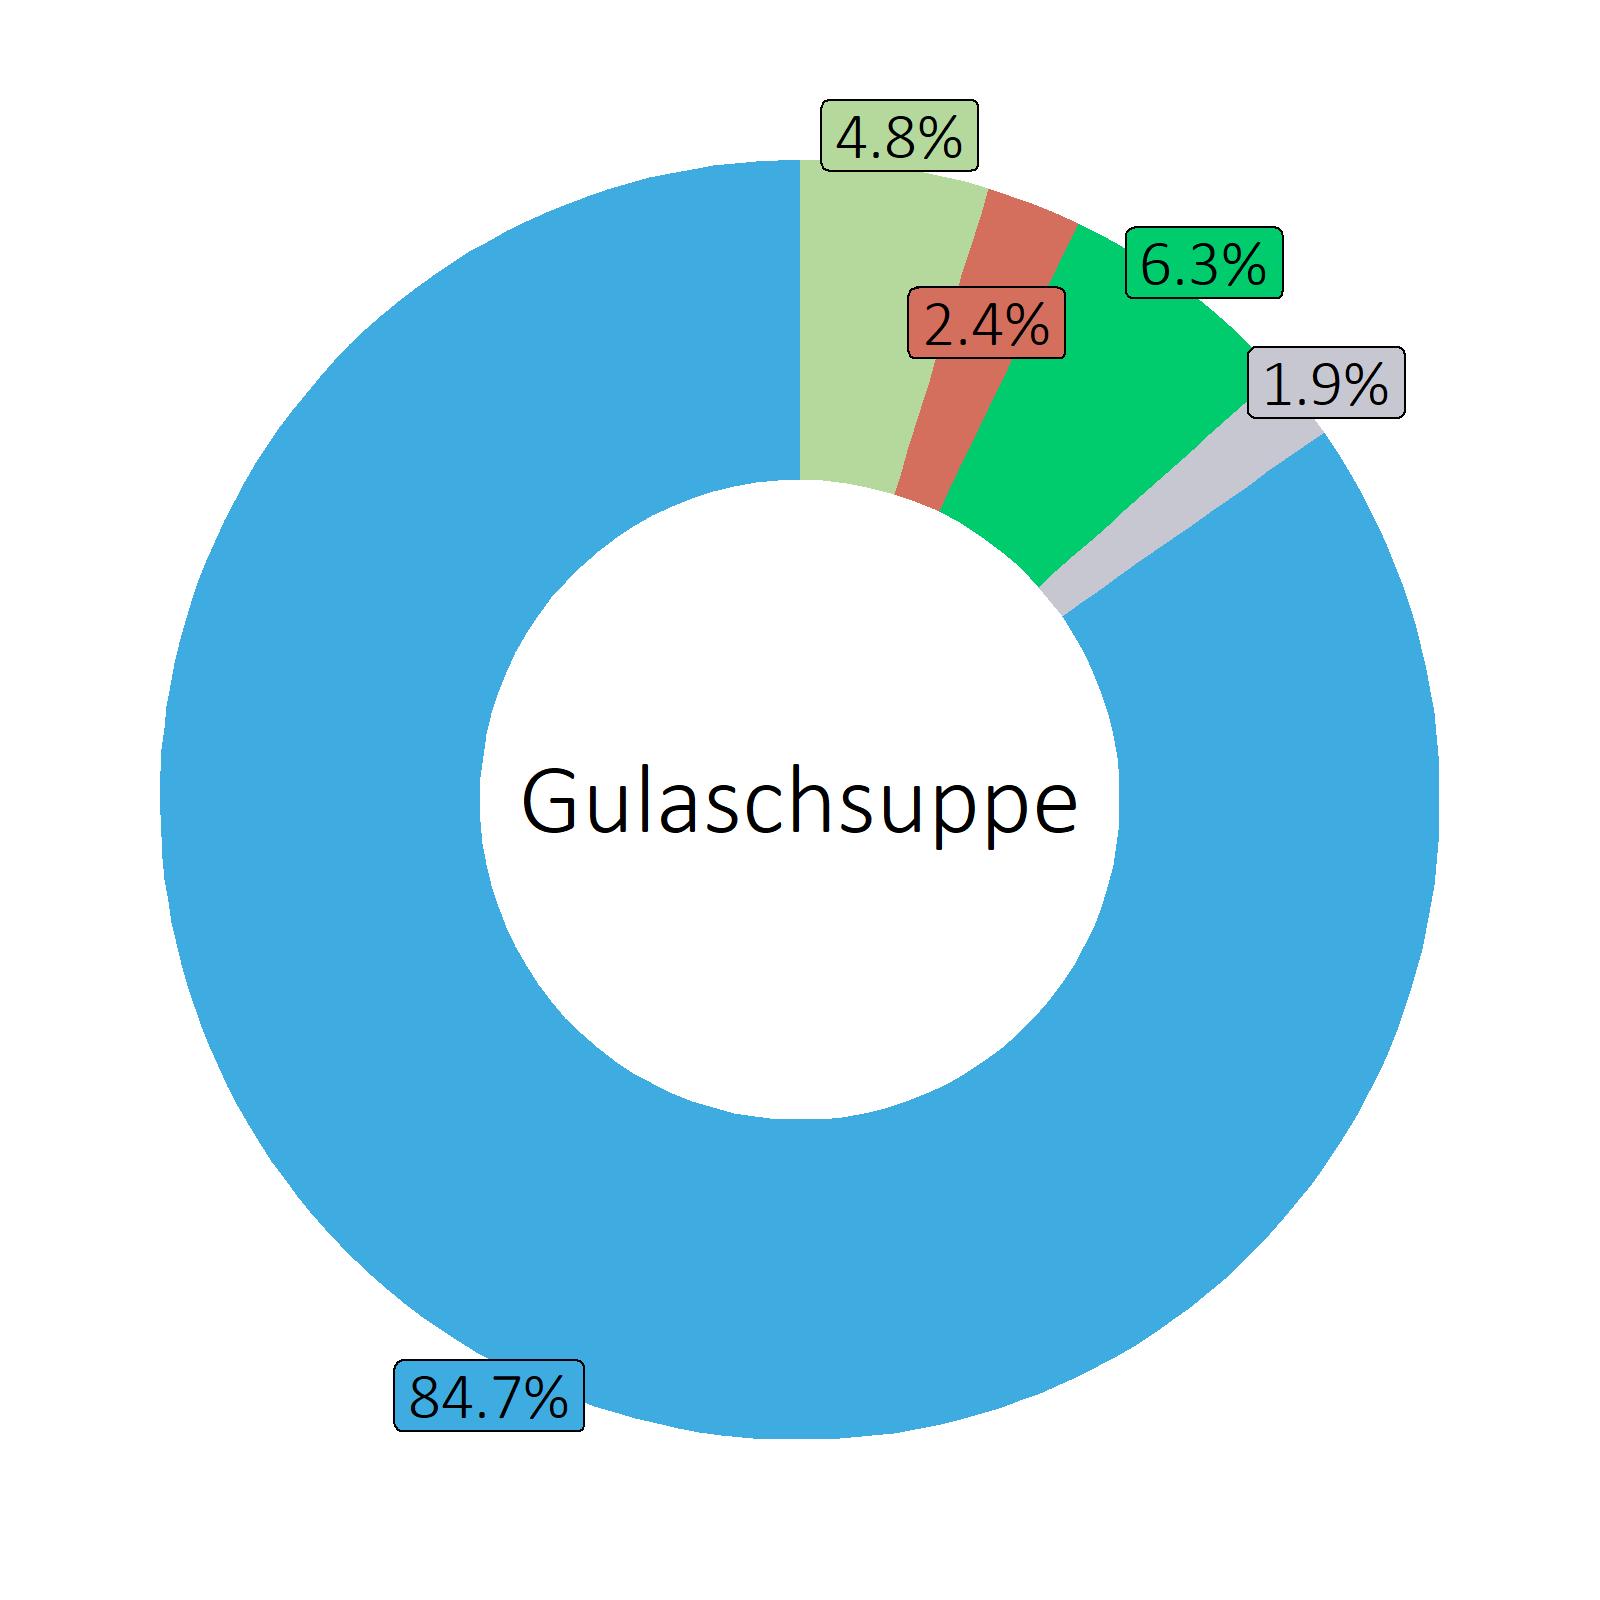 Bestandteile Gulaschsuppe